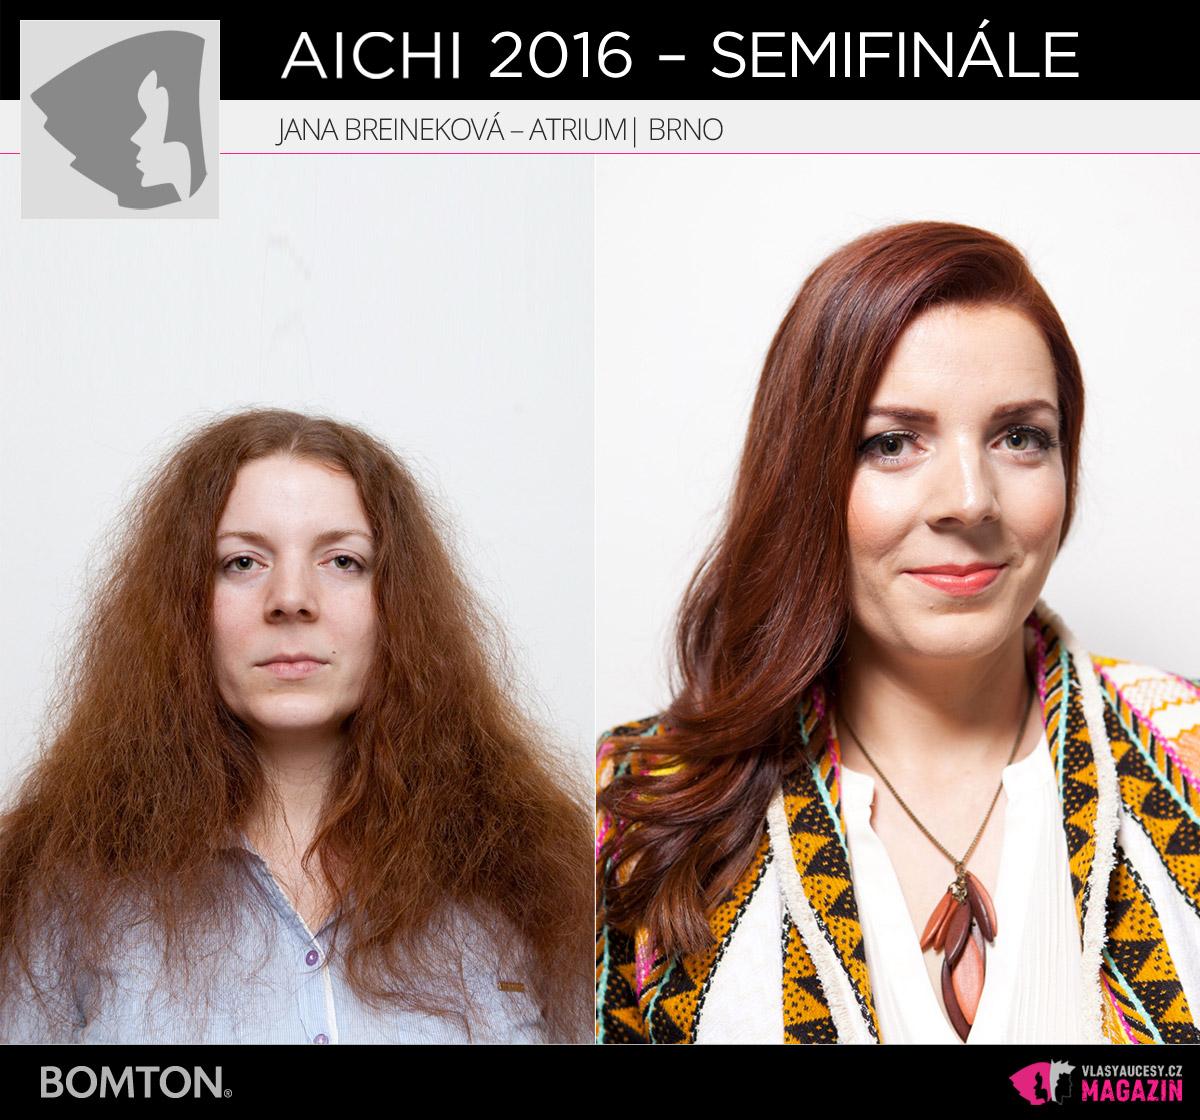 Jana Breineková – Atrium, Brno | Proměny AICHI 2016 - postupující do semifinálového kola